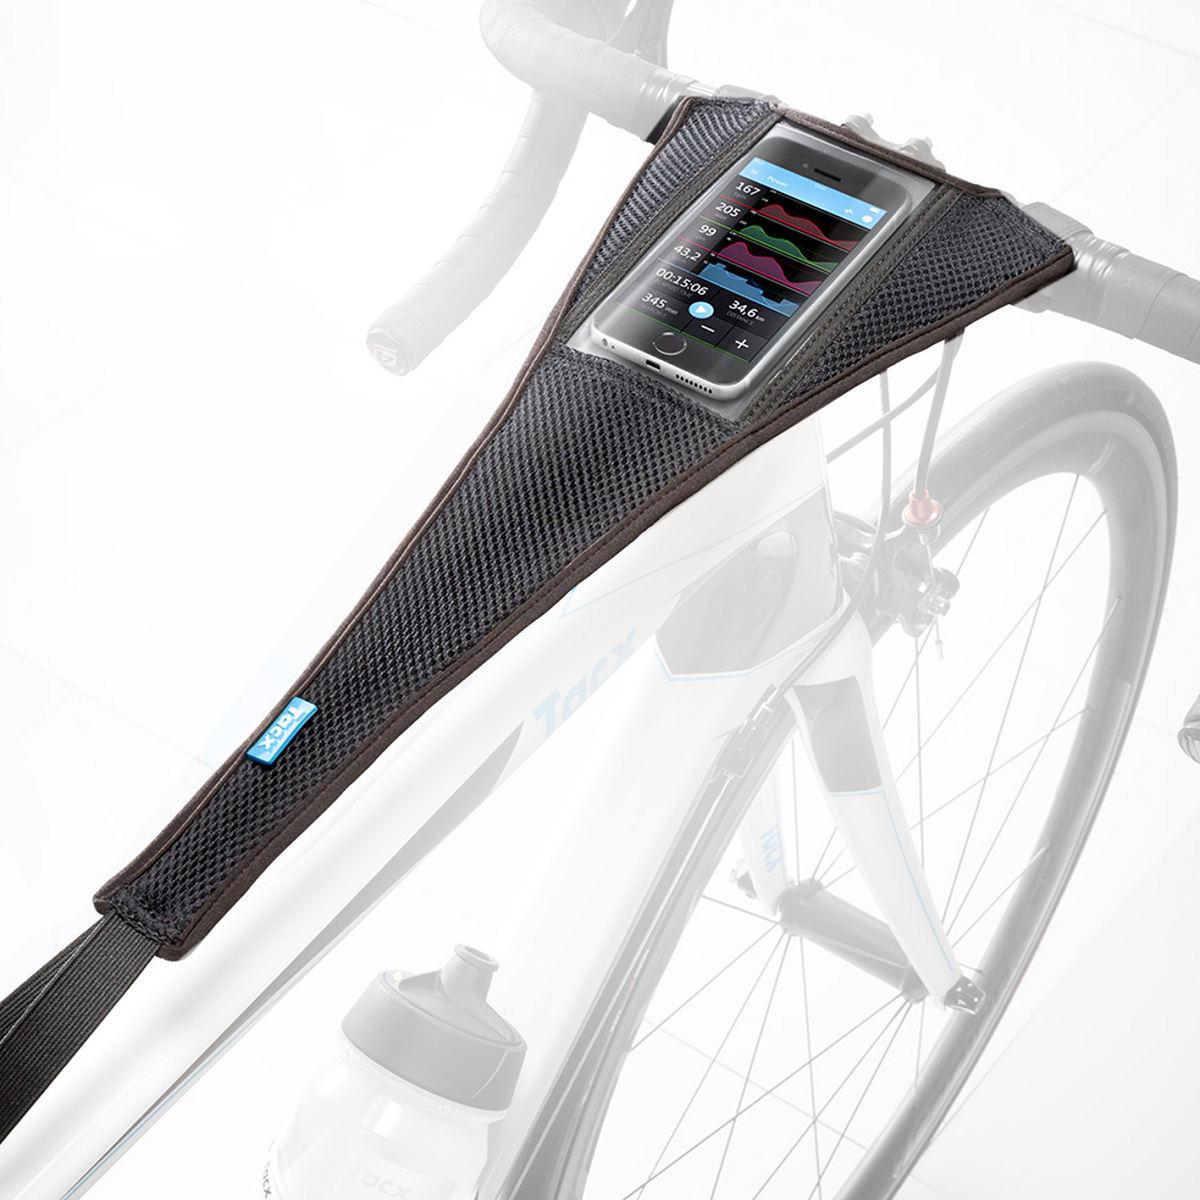 Protetor-de-Suor-Quadro-de-Bicicleta-Tacx-Sweat-Cover-suporte-Smartphone---9737